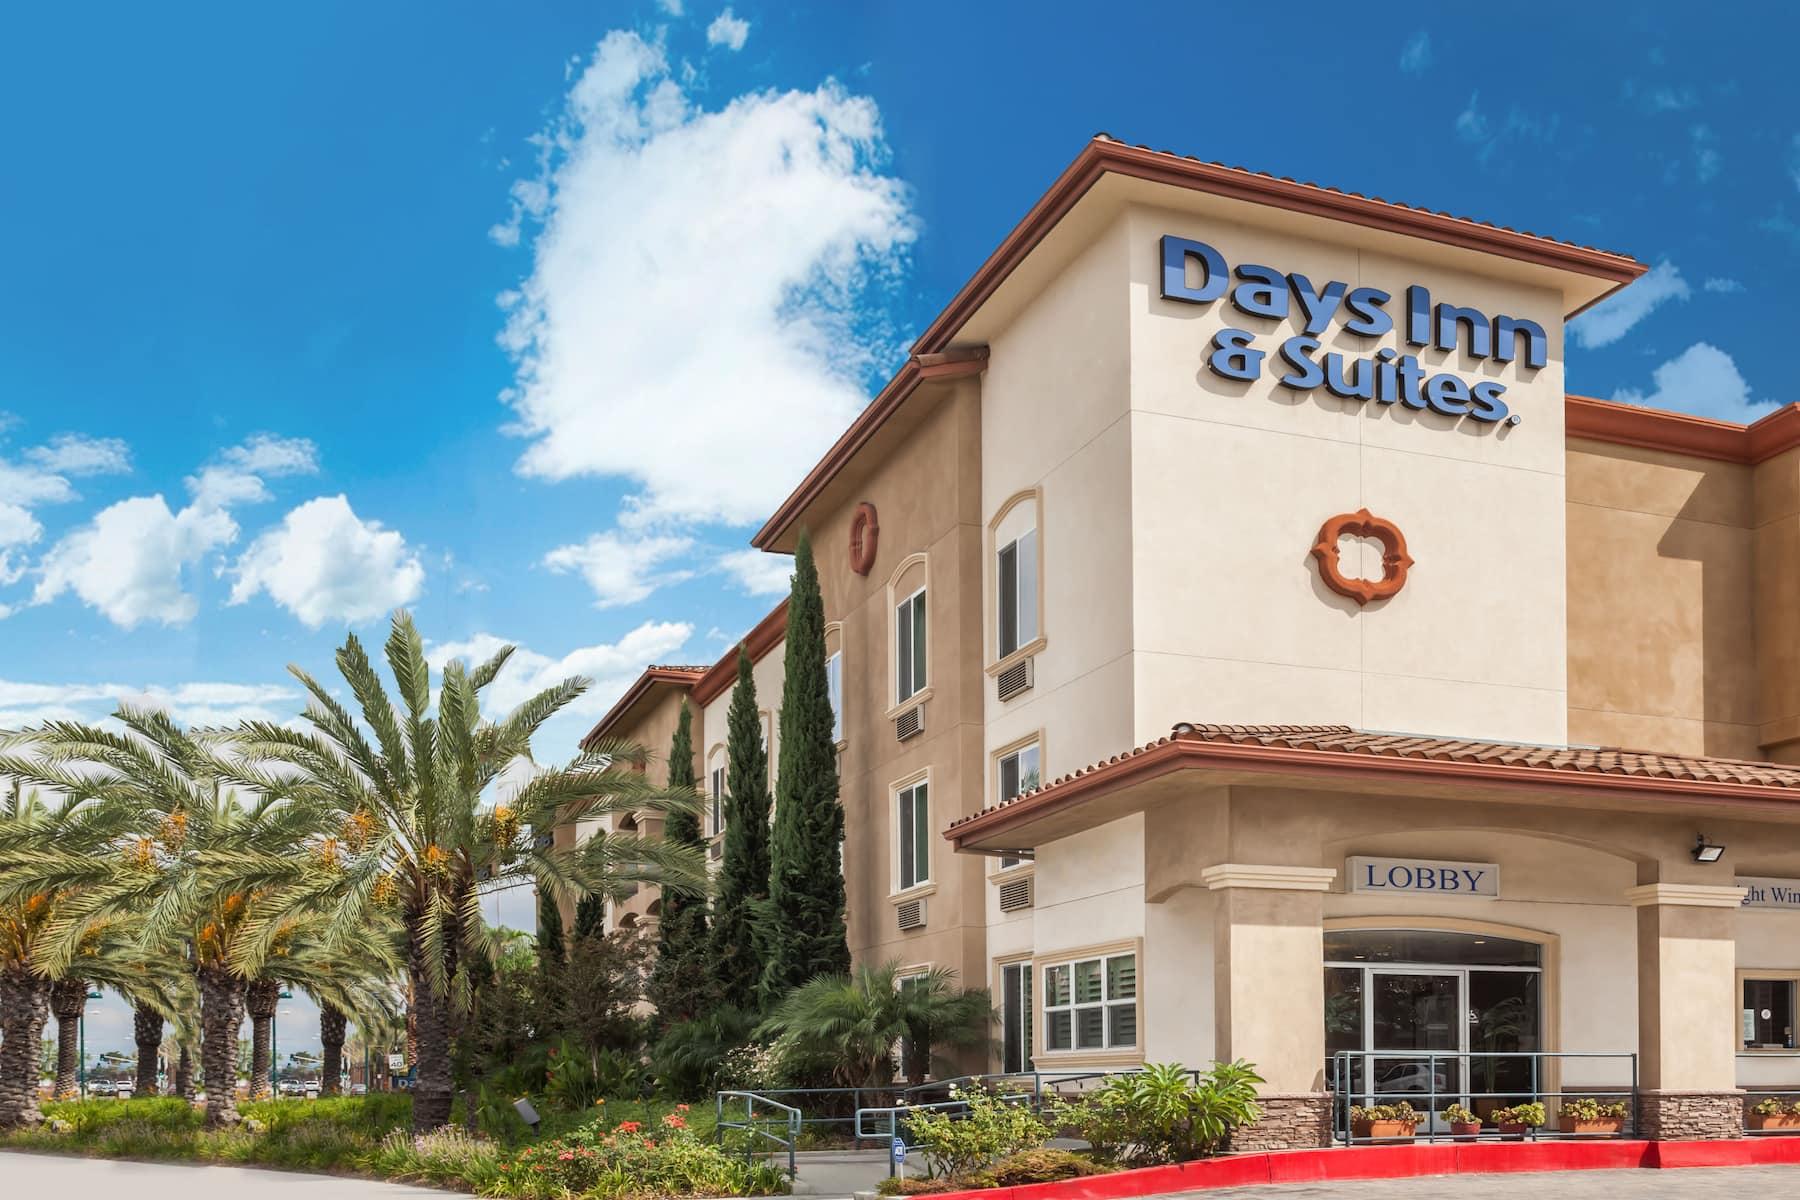 of days inn suites anaheim resort hotel in garden grove california